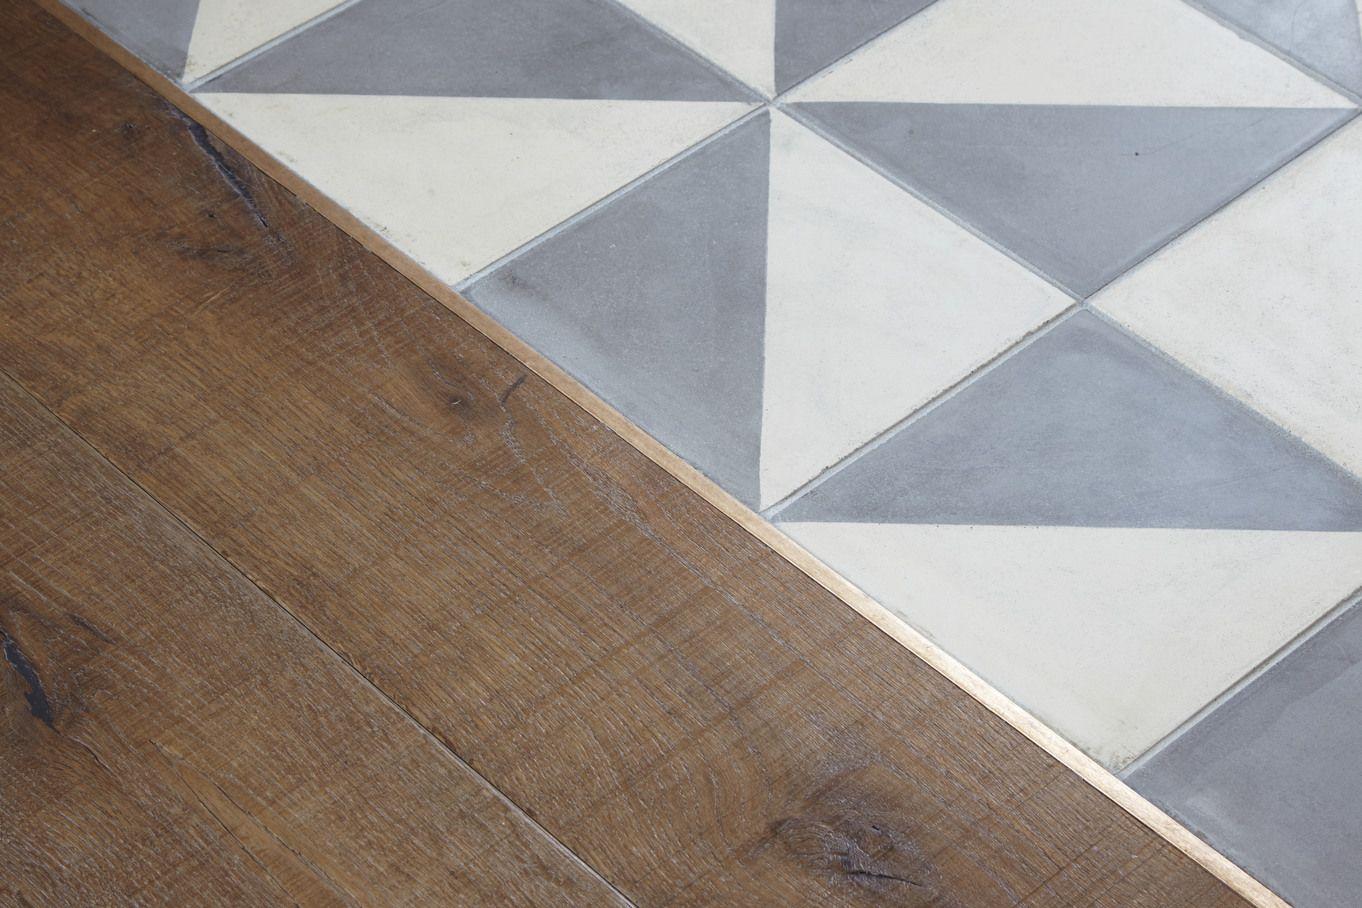 Piastrelle di cemento encausto bicromatiche e parquet di quercia